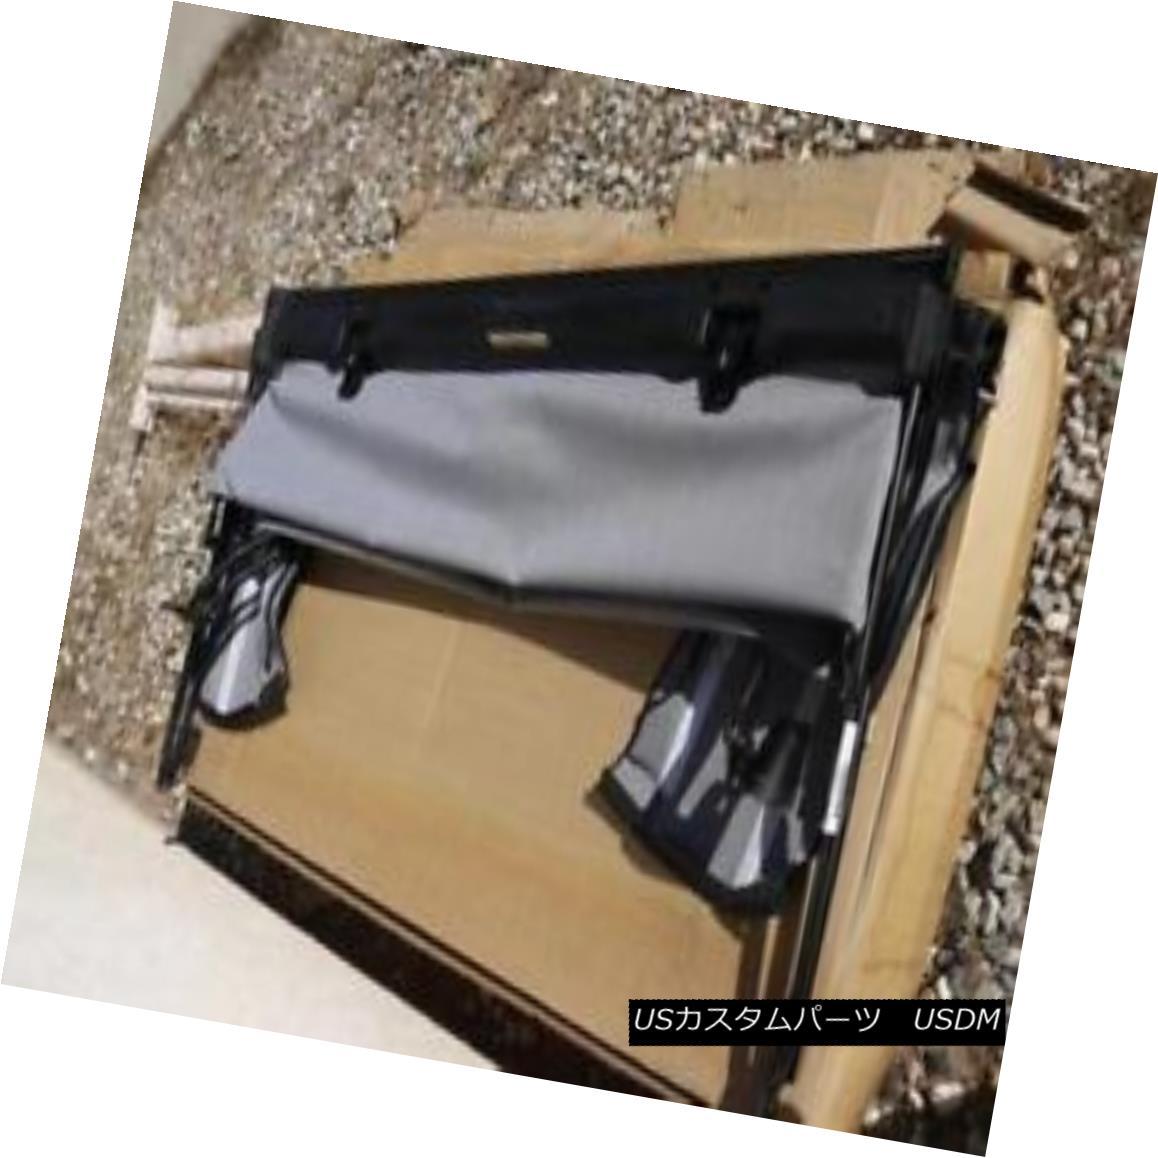 幌・ソフトトップ New Mopar 07-17 JK Jeep Wrangler 4 Door Black Sunrider Replacement Soft Top ニューモパー07-17 JKジープラングラー4ドアブラックサンライダー交換ソフトトップ